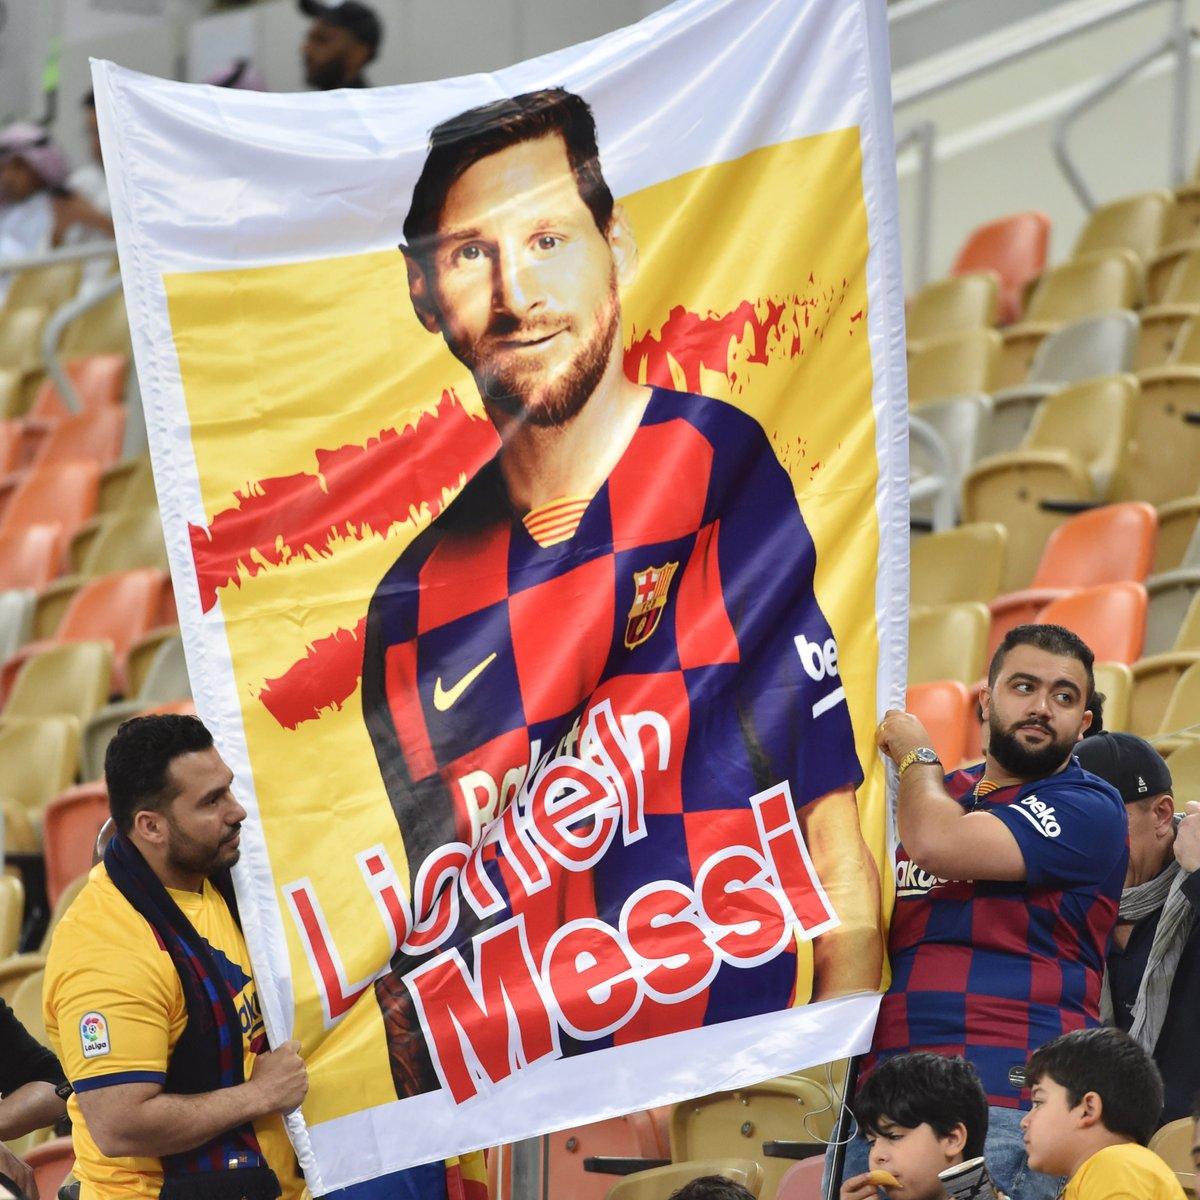 球迷无处不在!一图流:沙特巴萨球迷高举梅西宣传画